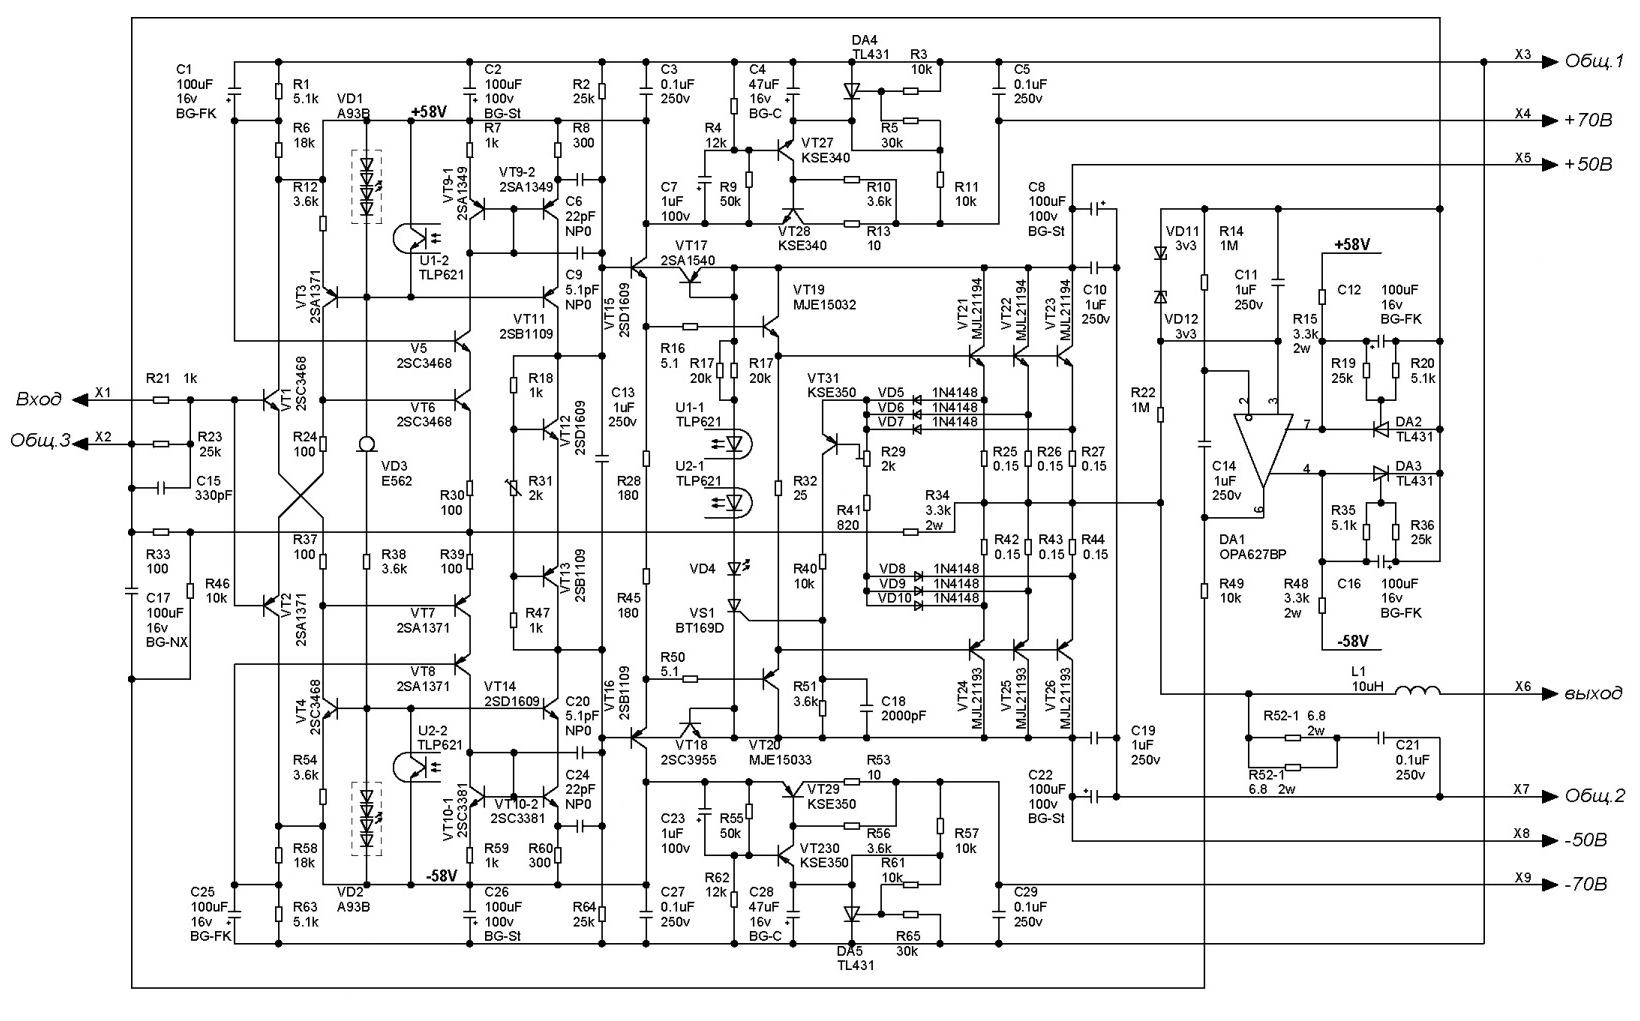 Принципиальная схема высококачественного усилителя с токовой обратной связью LYNX 16.